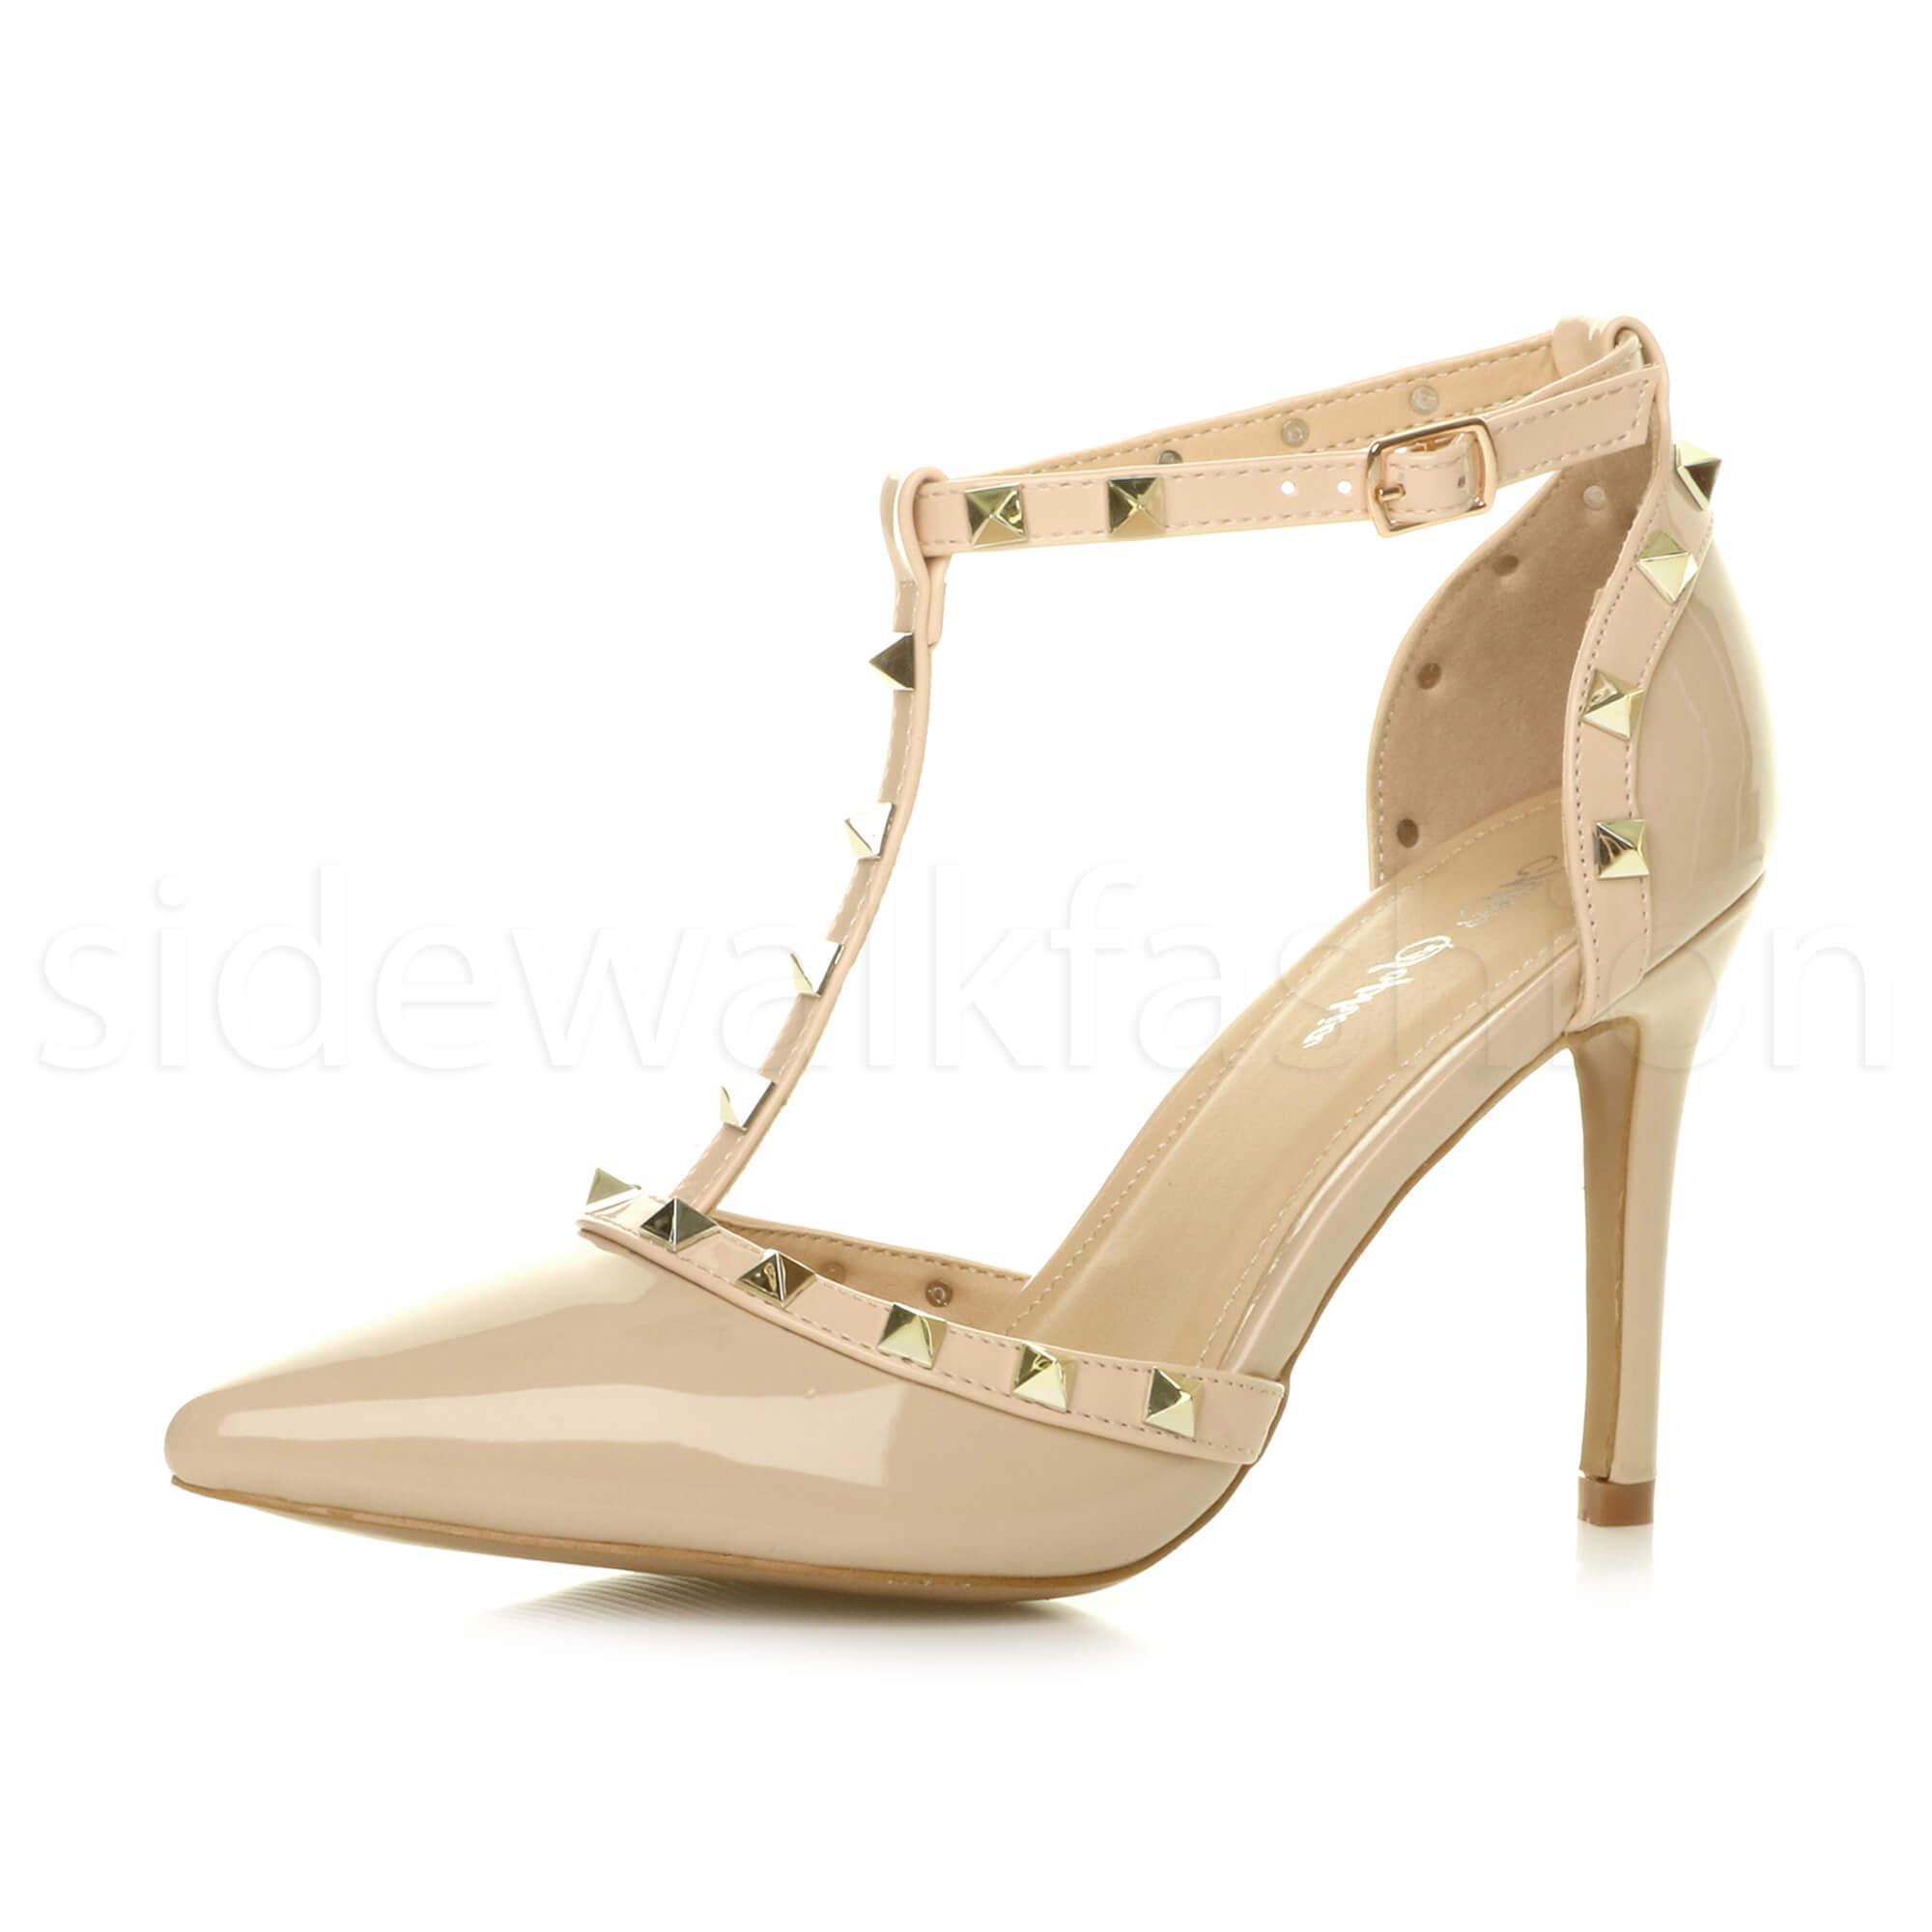 womens high heel rock studded t bar